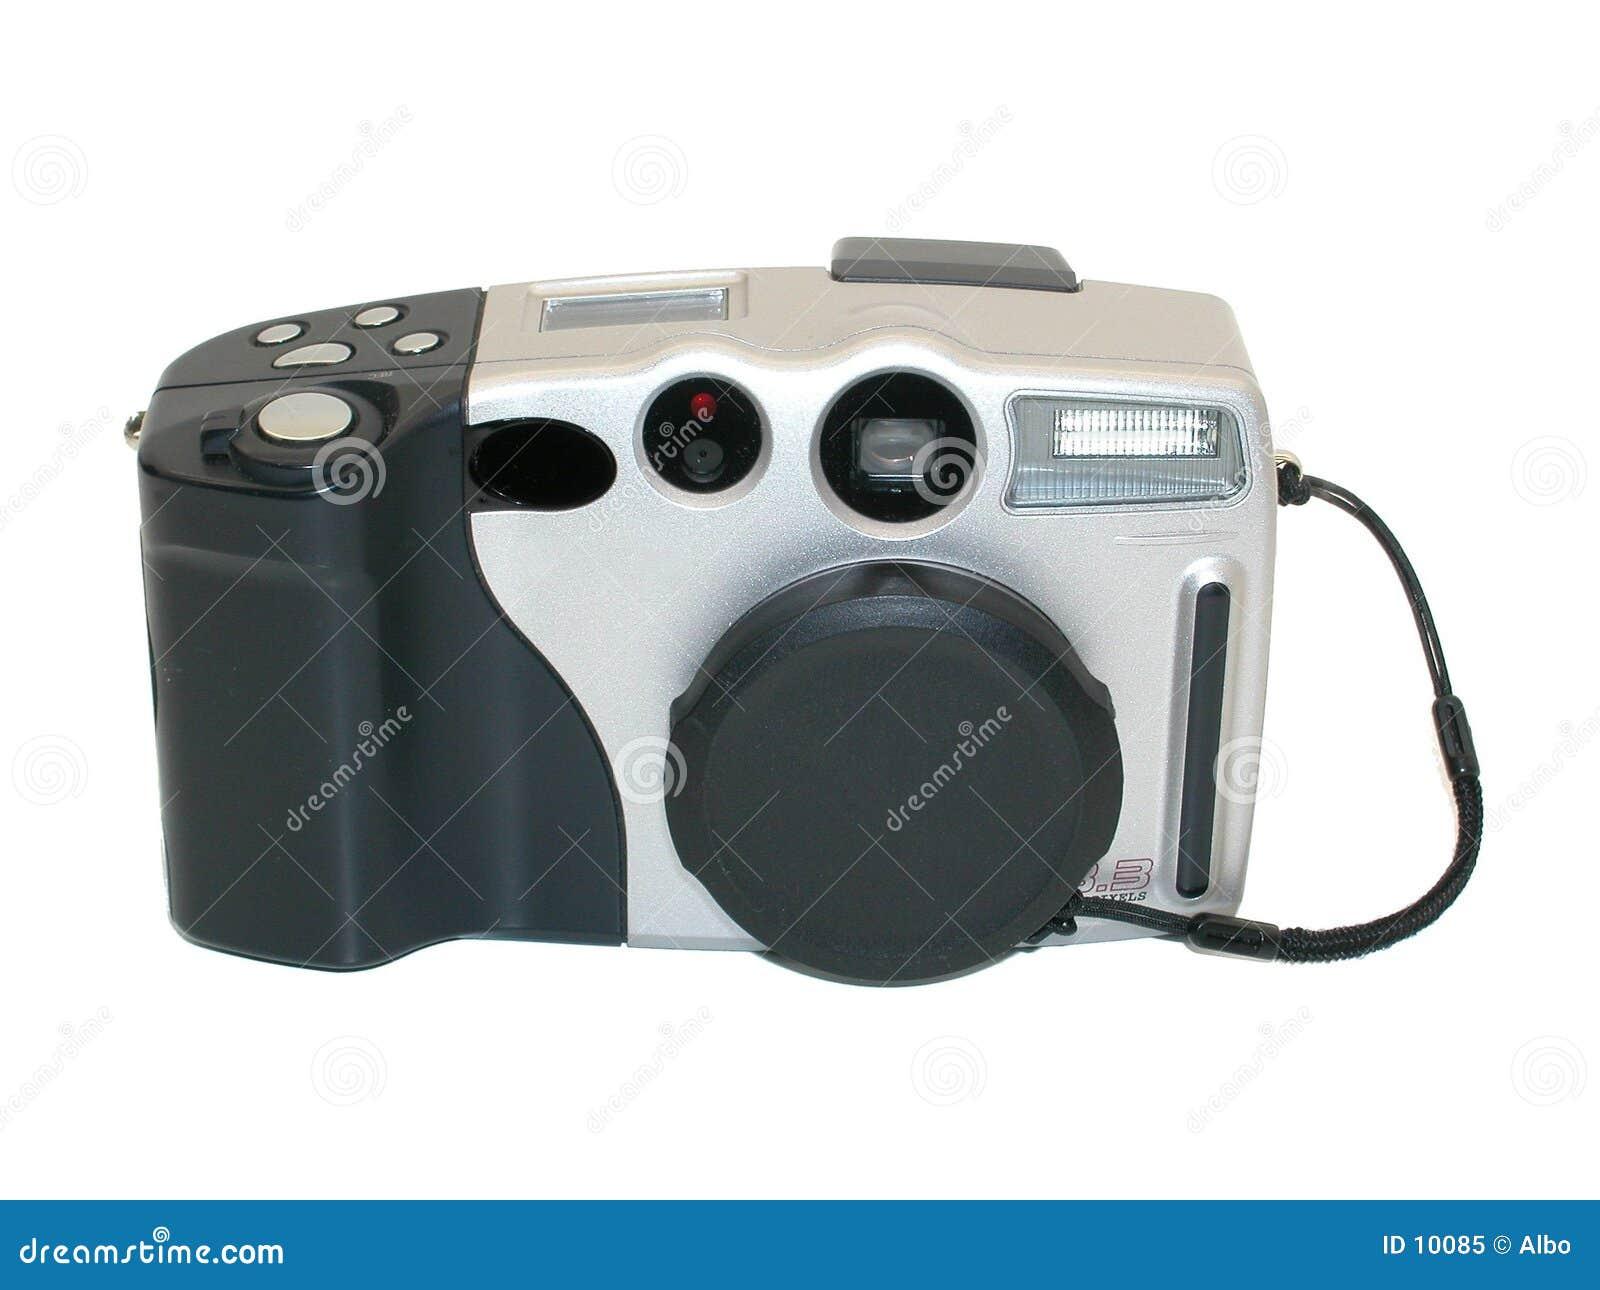 Digitalkamera 2